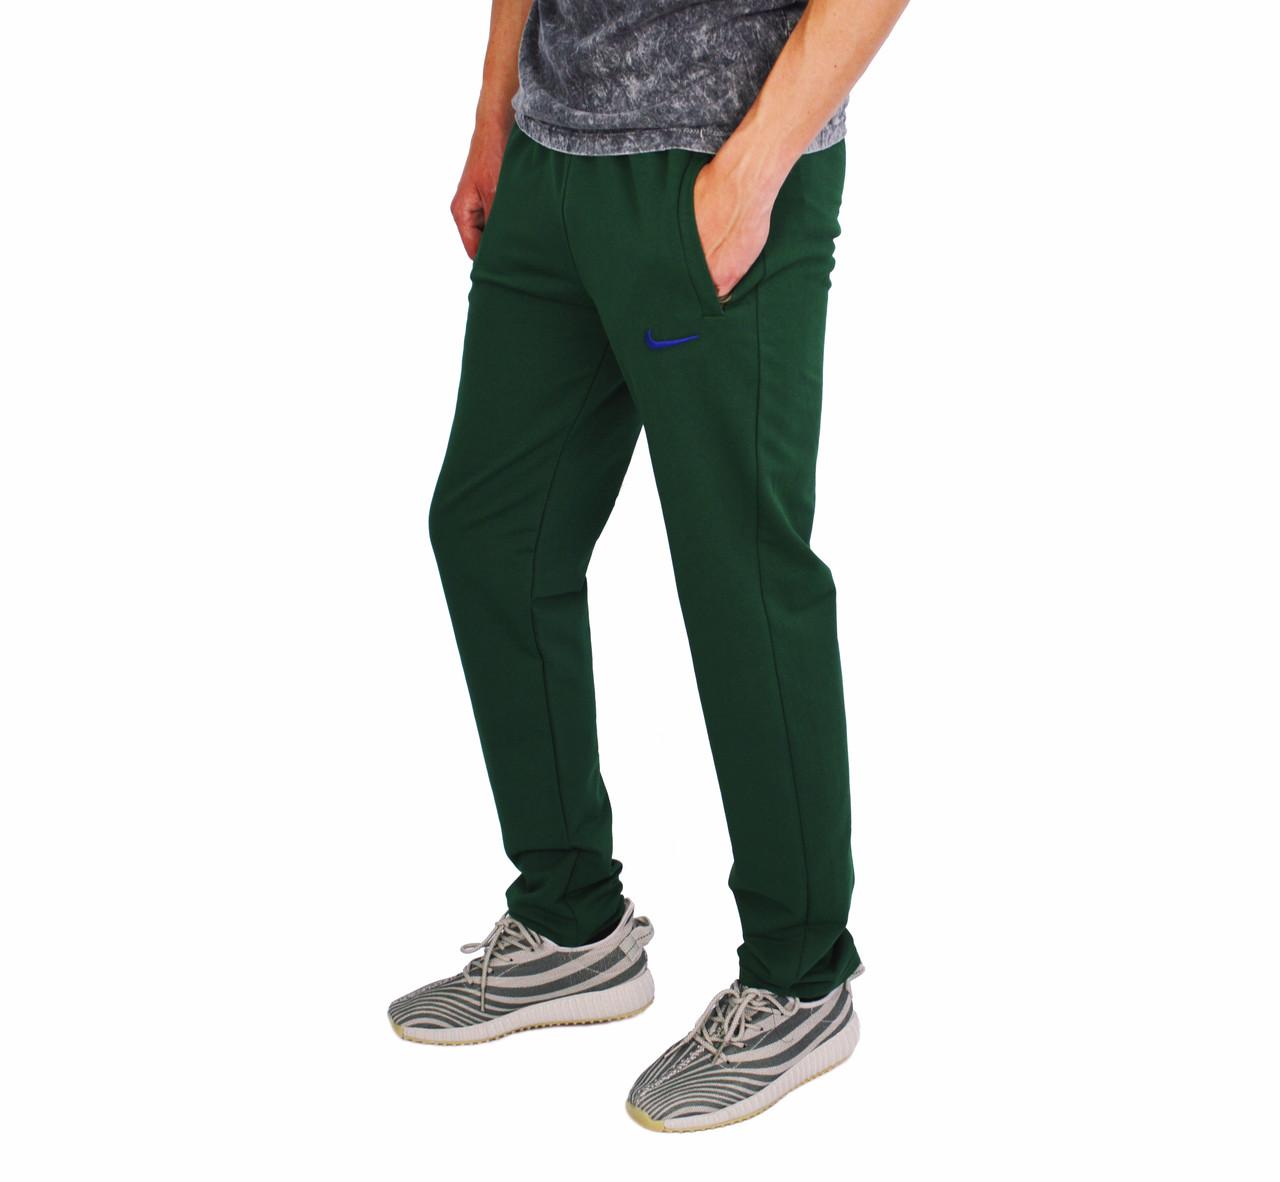 cbf215b3 Зеленые мужские спортивные трикотажные штаны NIKE -